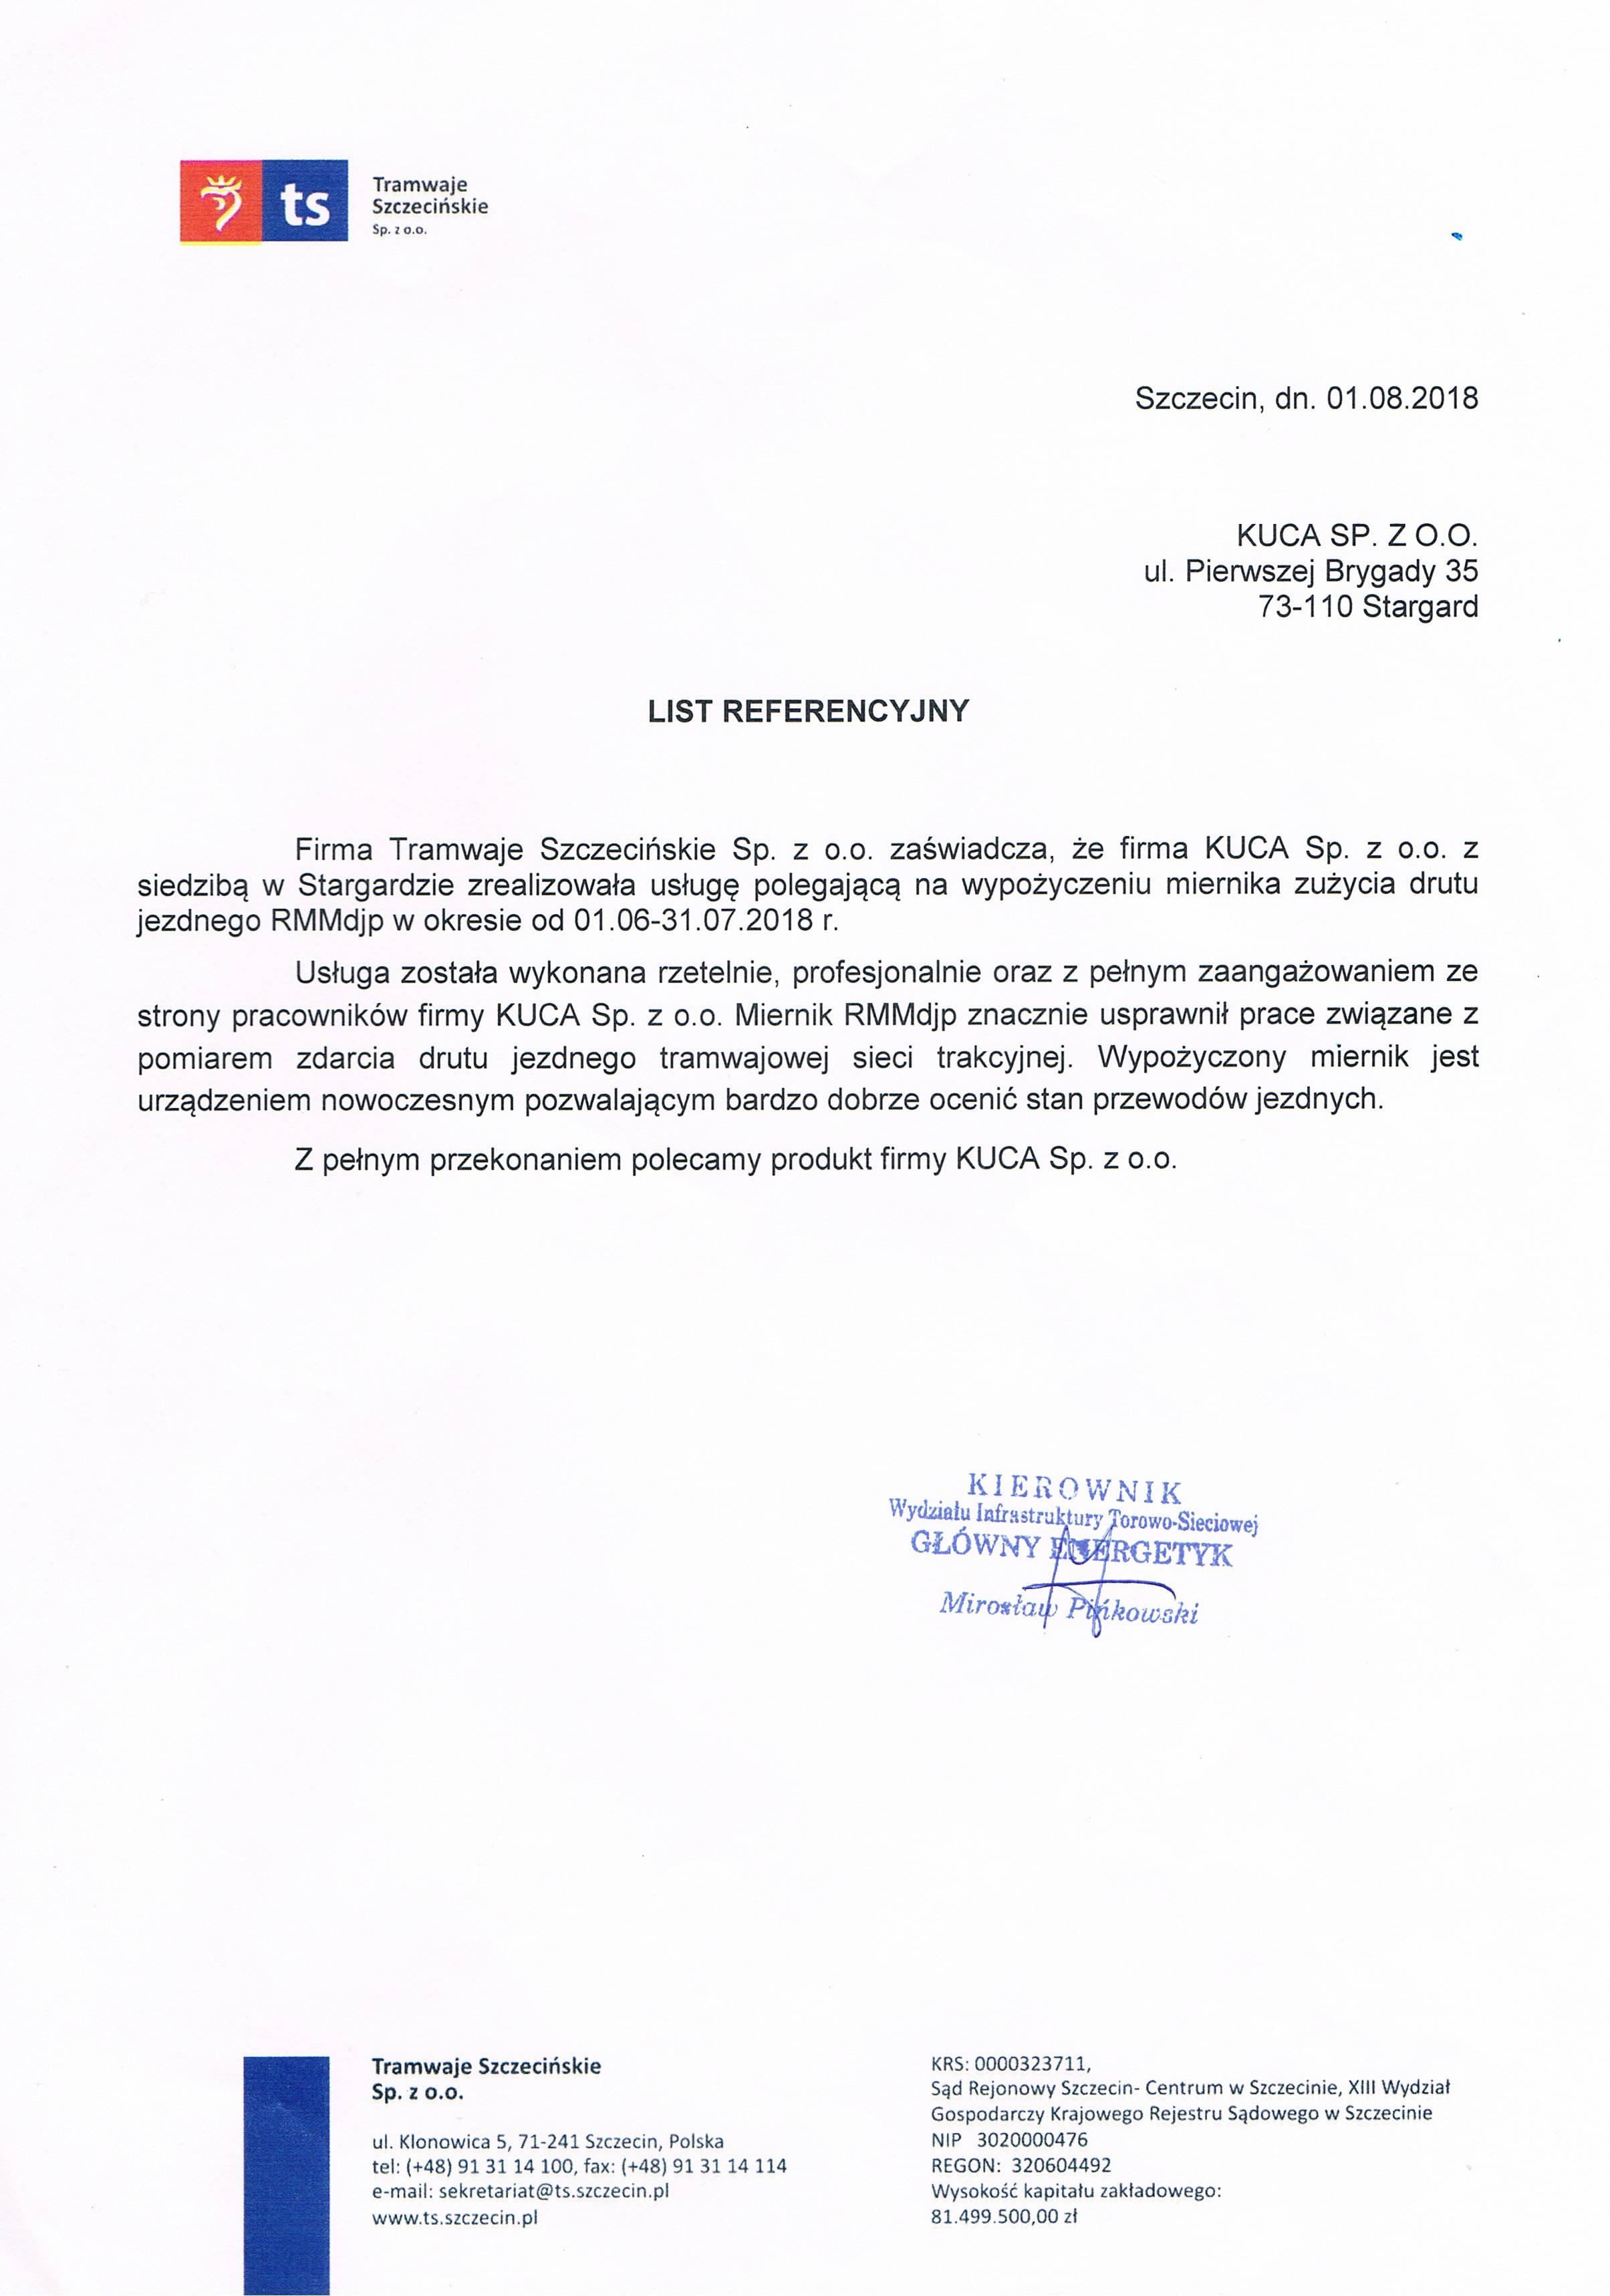 List Referencyjny TSz 01.08.2018